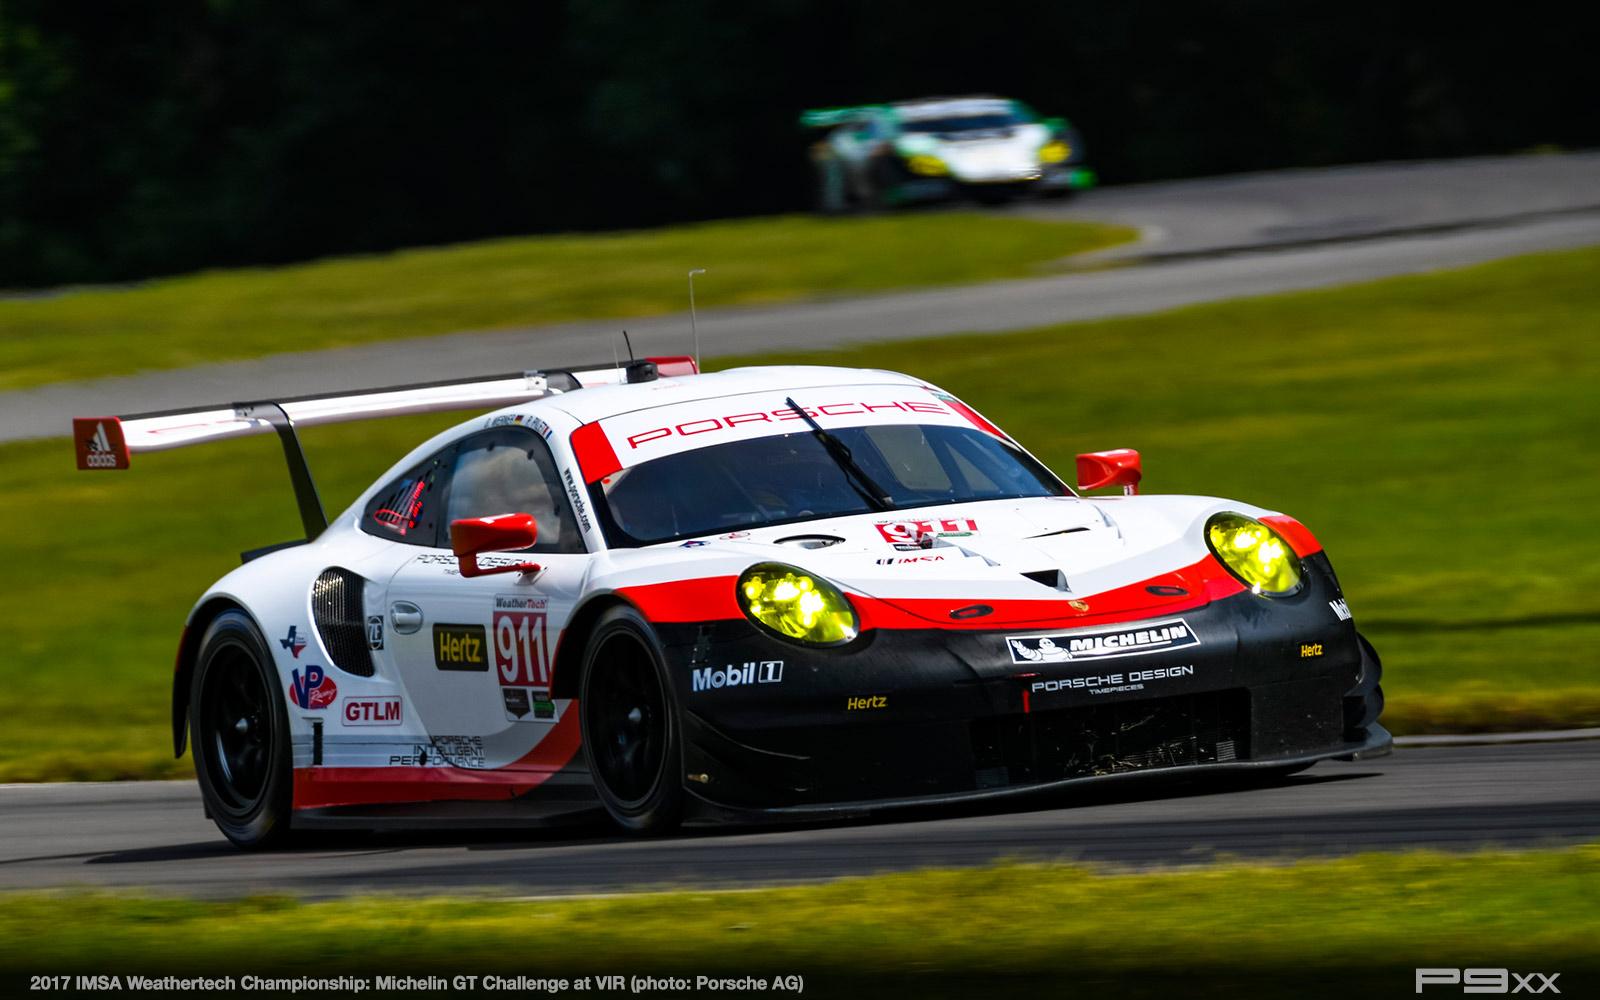 2017-IMSA-Weathertech-VIR-Porsche-432